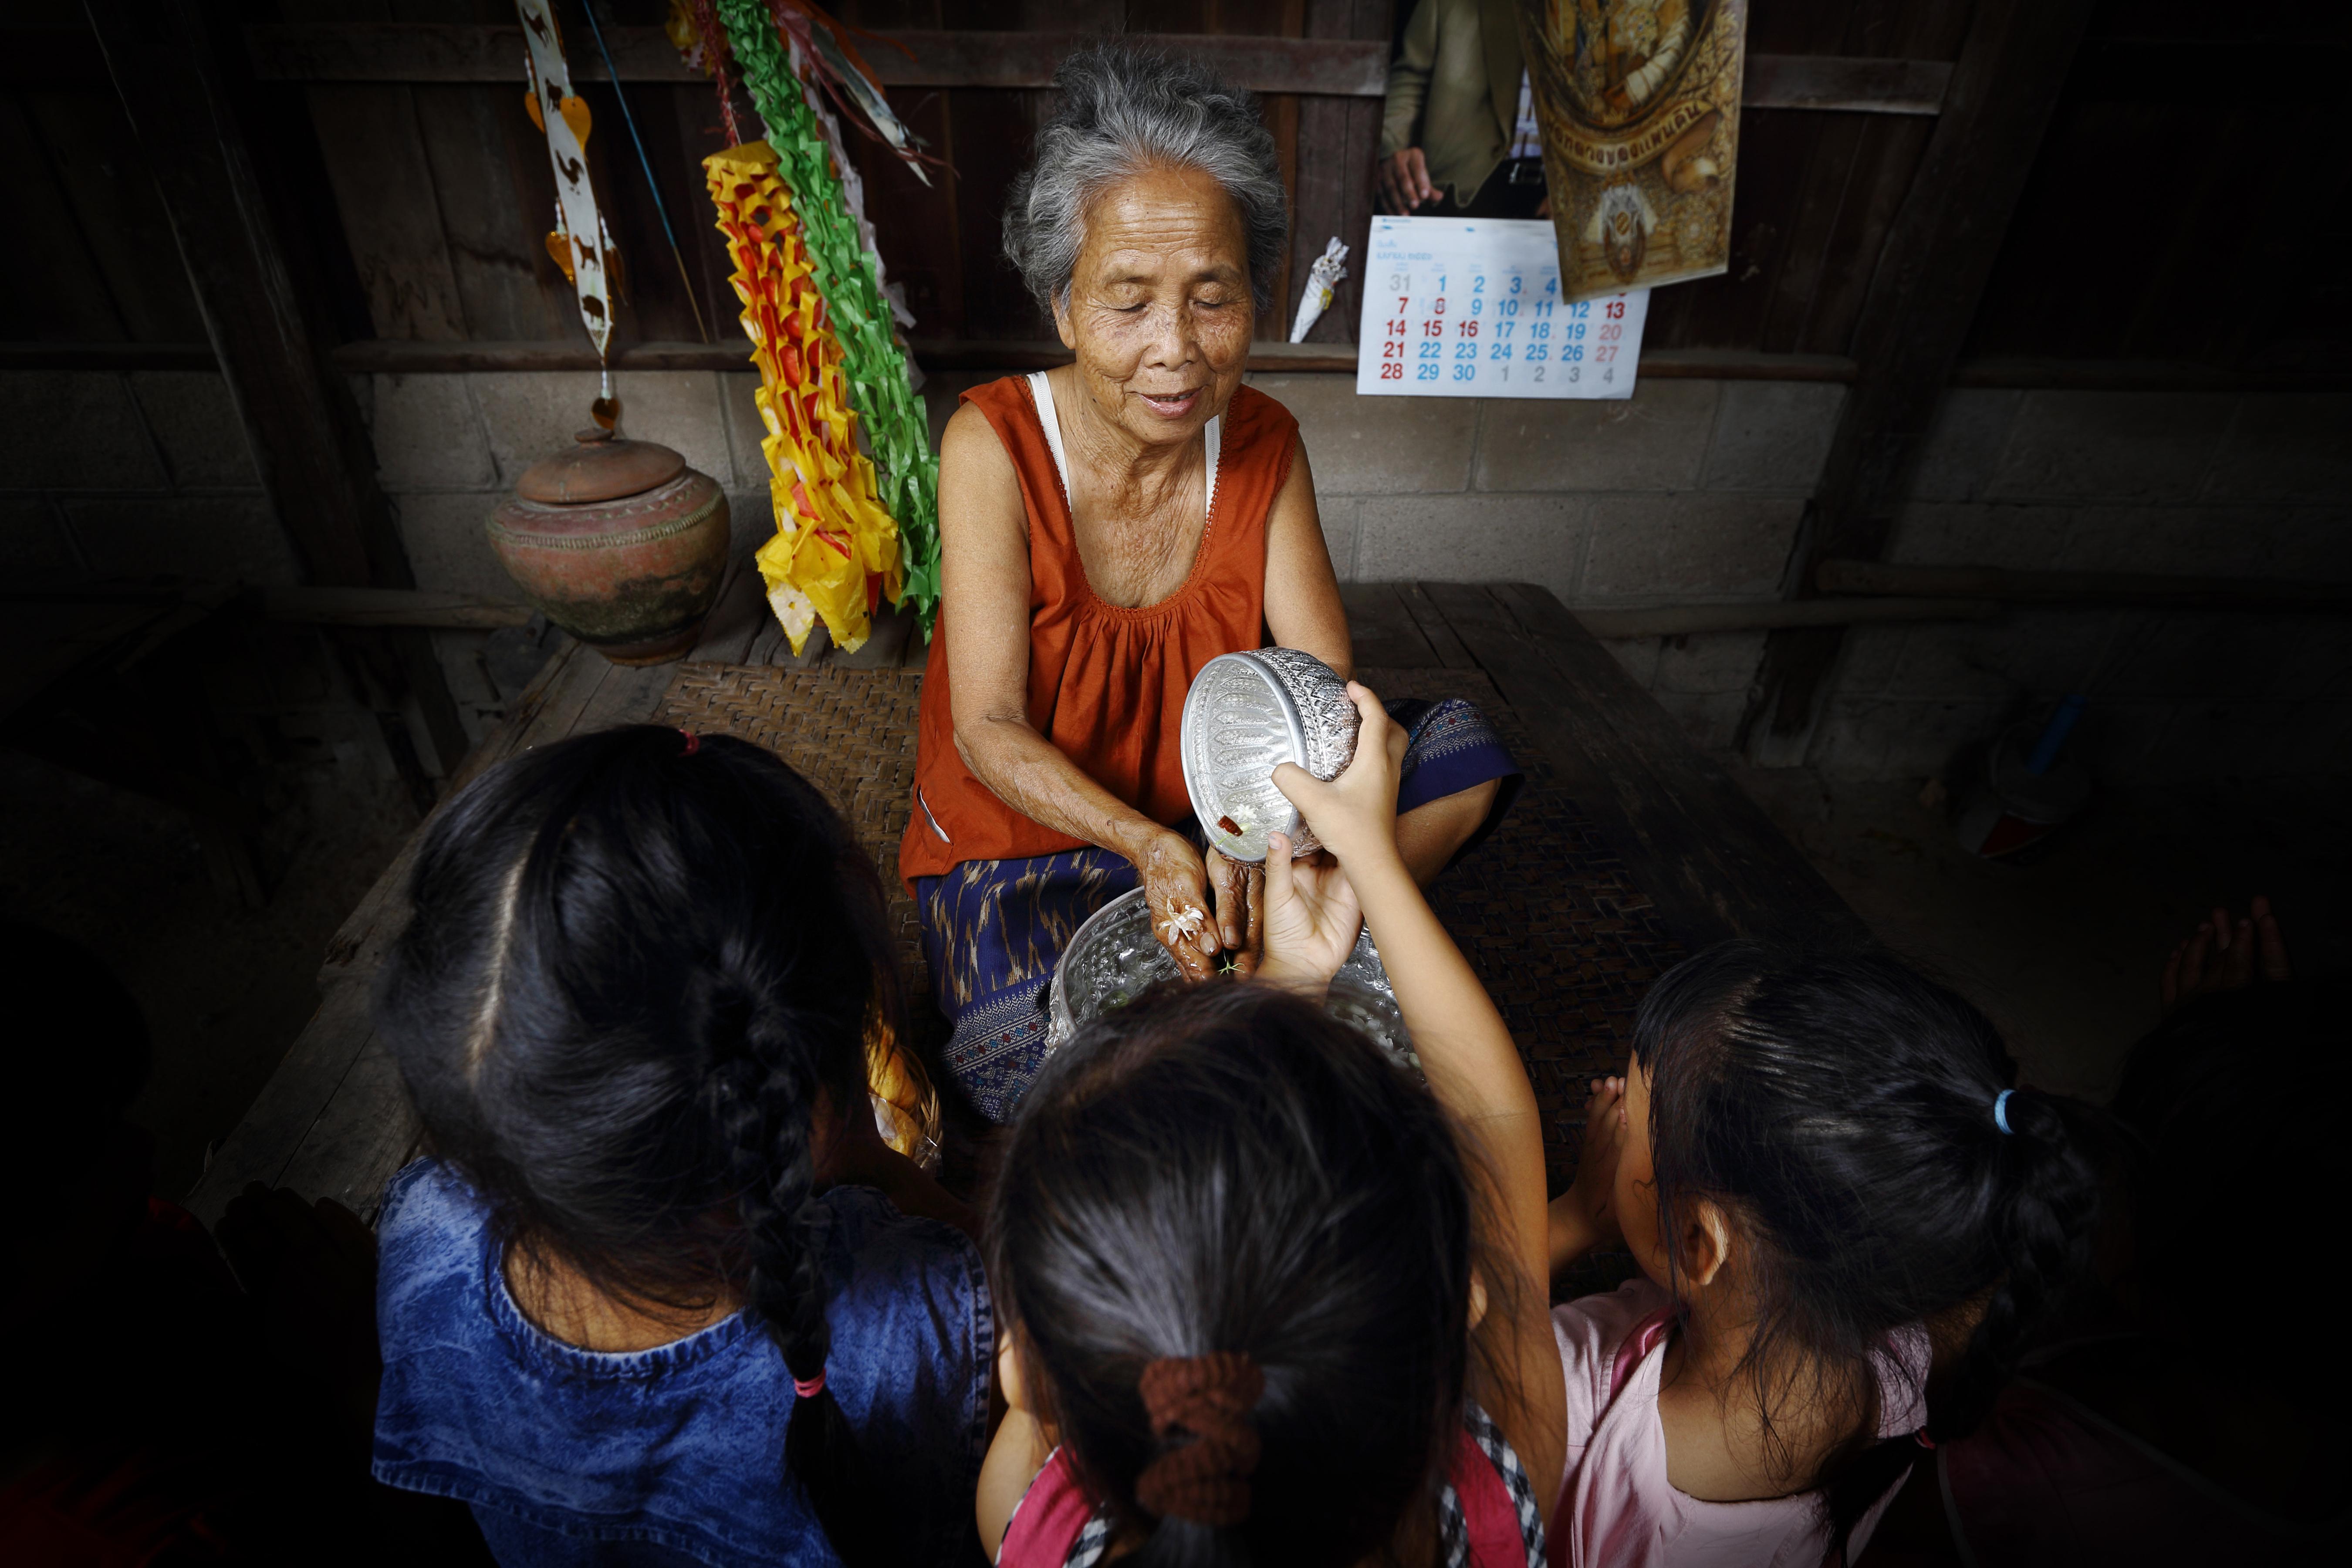 Songkran is very religious